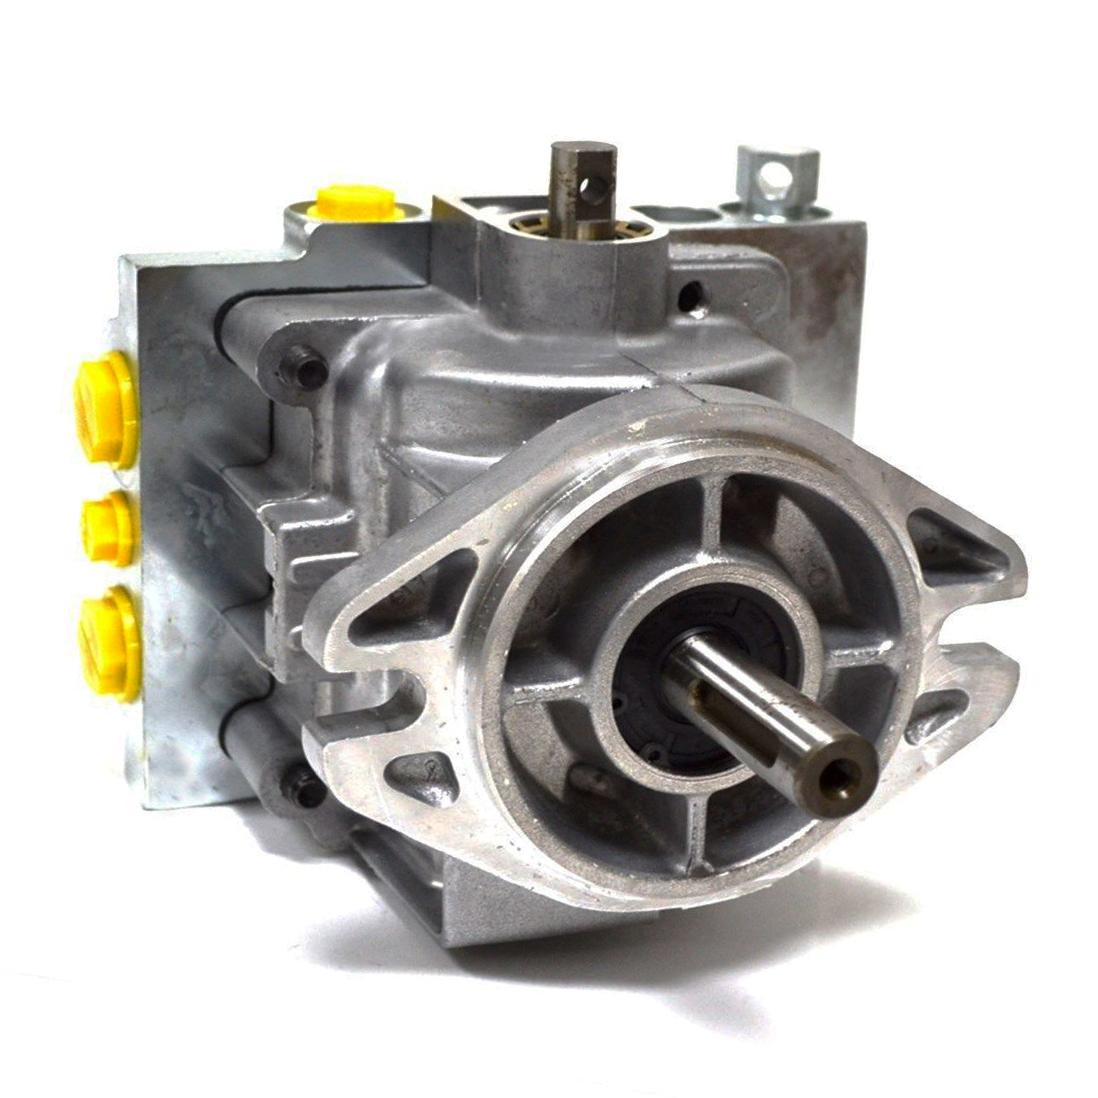 Hydro Gear Pump Pl Bgqq Dy1x Xxxx Husqvarna Mowers